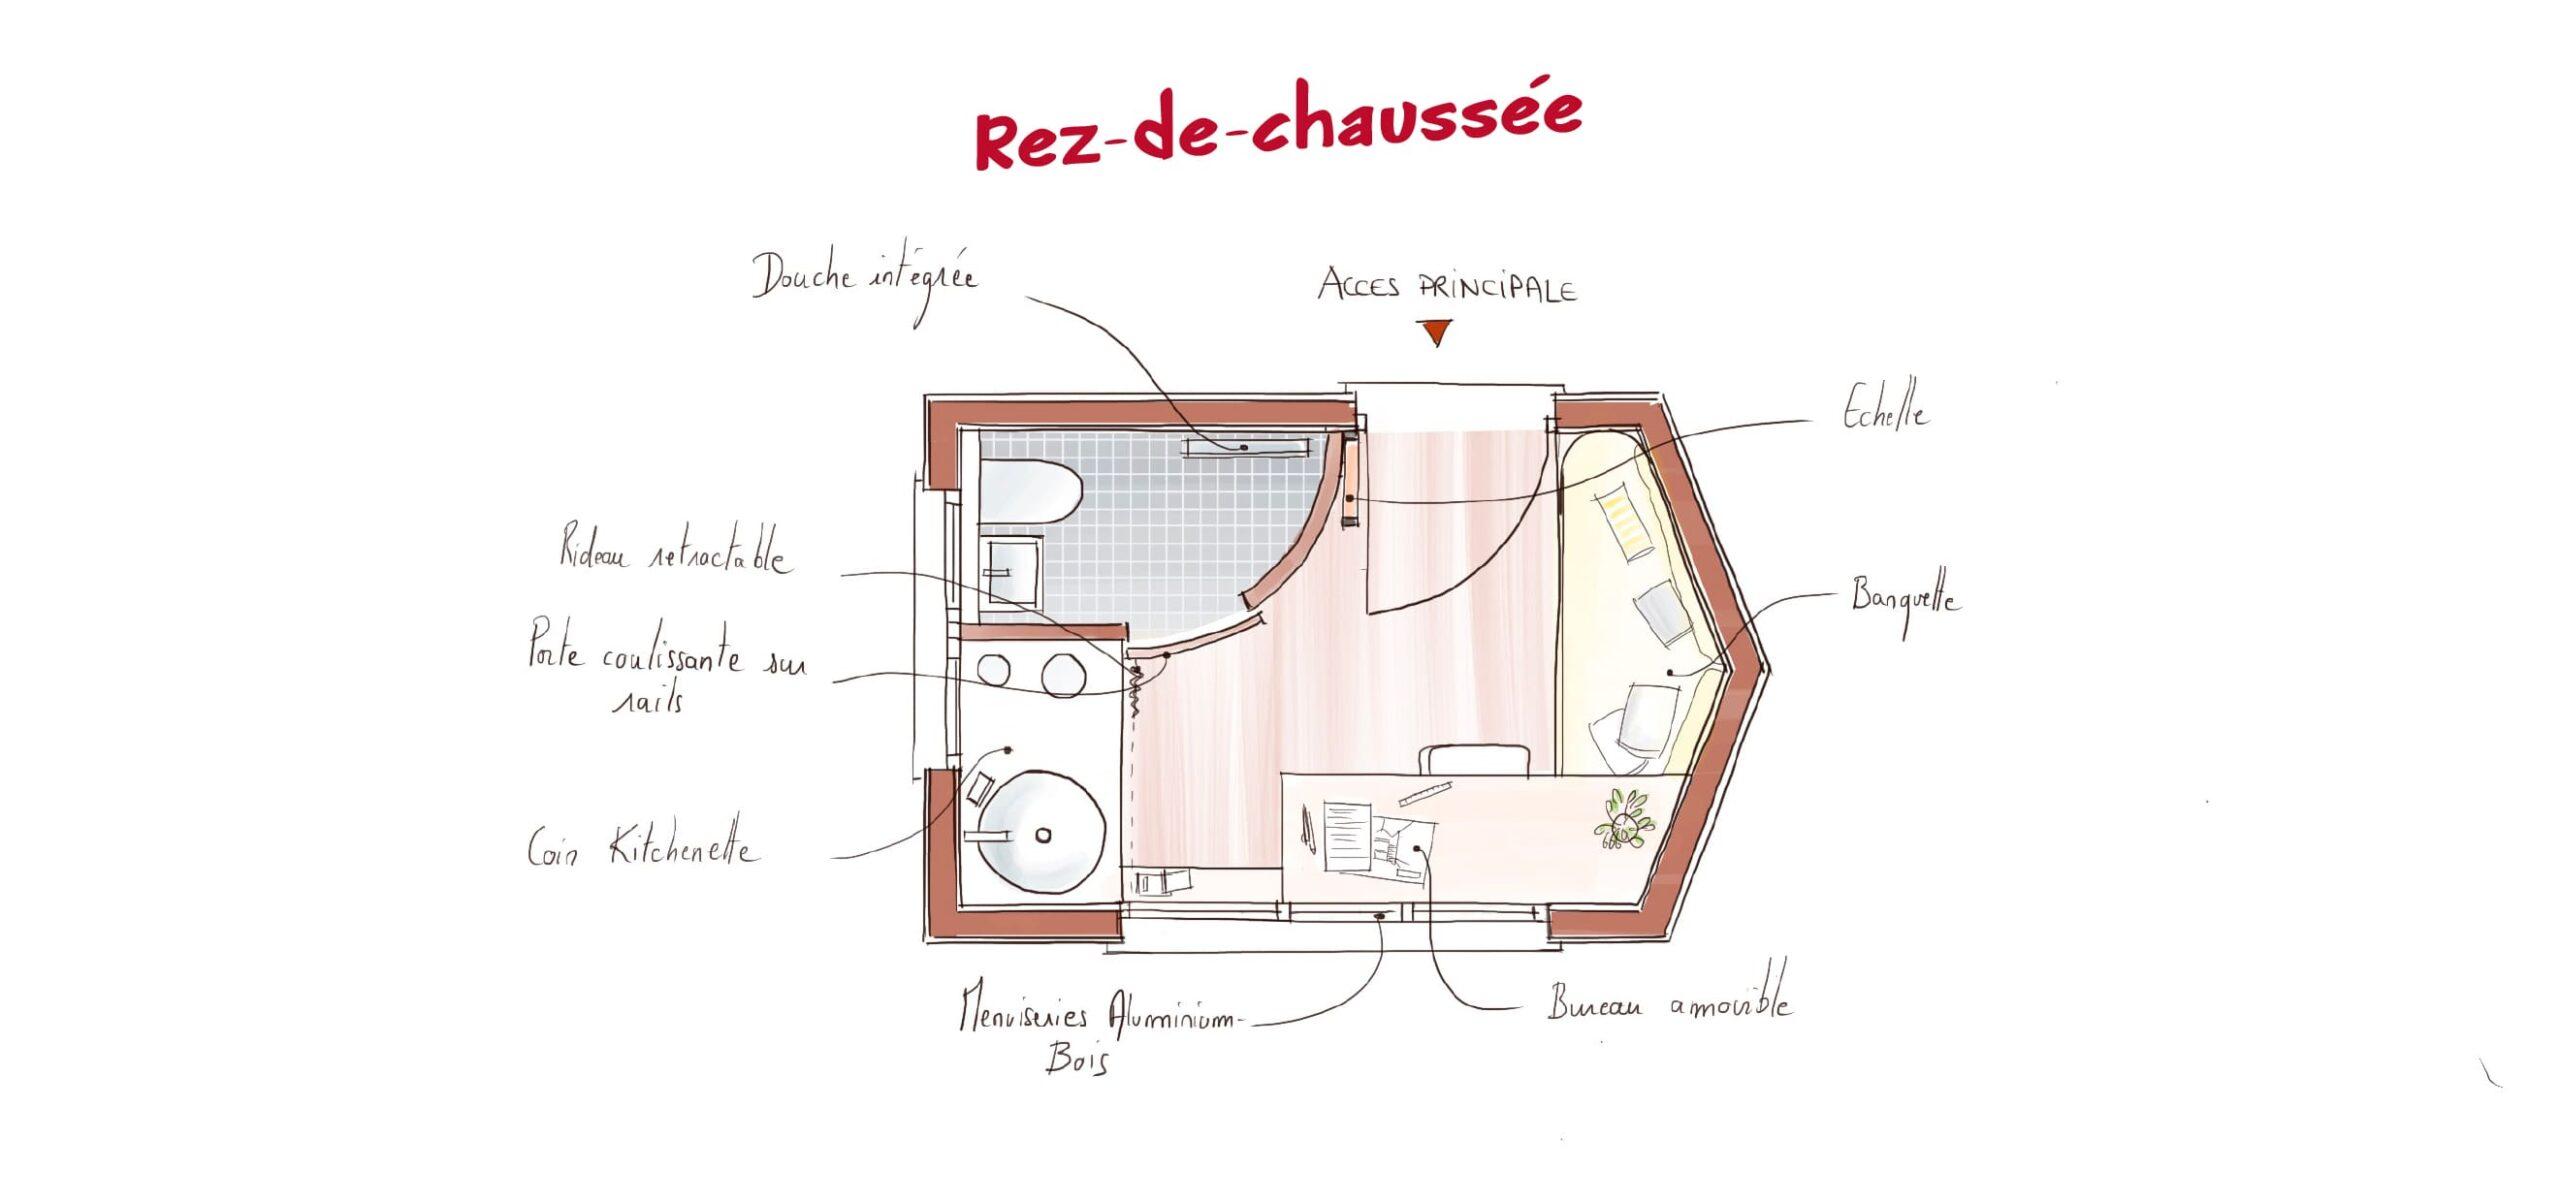 tiny-house-professionnel-office-rez-de-chaussee